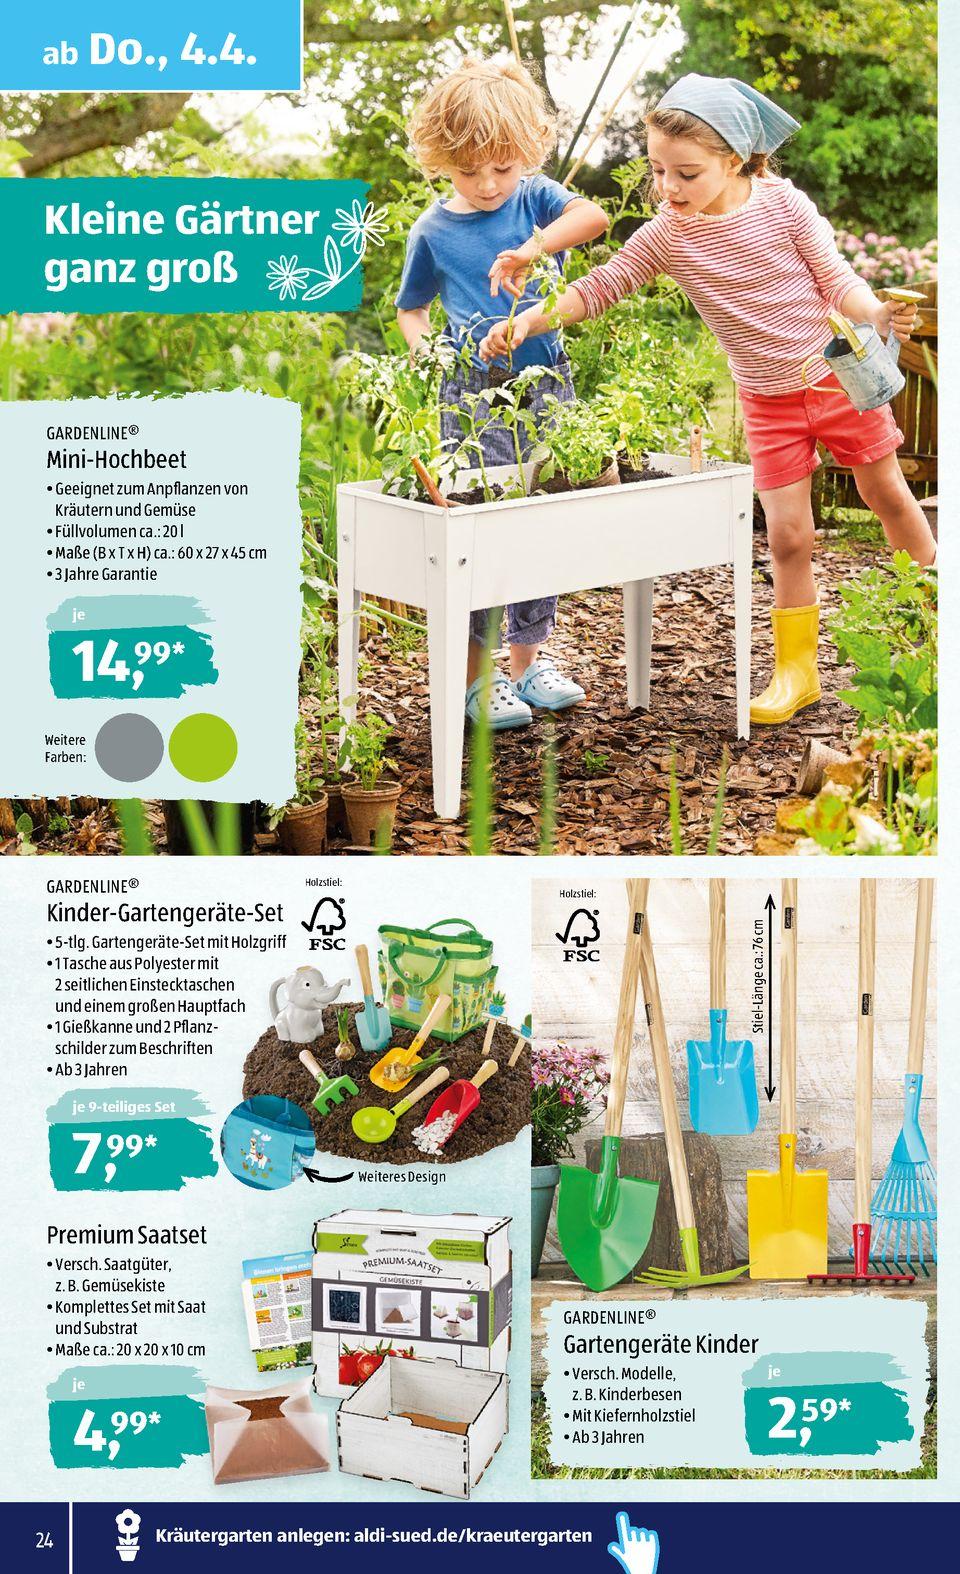 Full Size of Hochbeet Aldi Sd Prospekte Wochenaktion Seite No 24 48 Gltig Von 14 Garten Relaxsessel Wohnzimmer Hochbeet Aldi